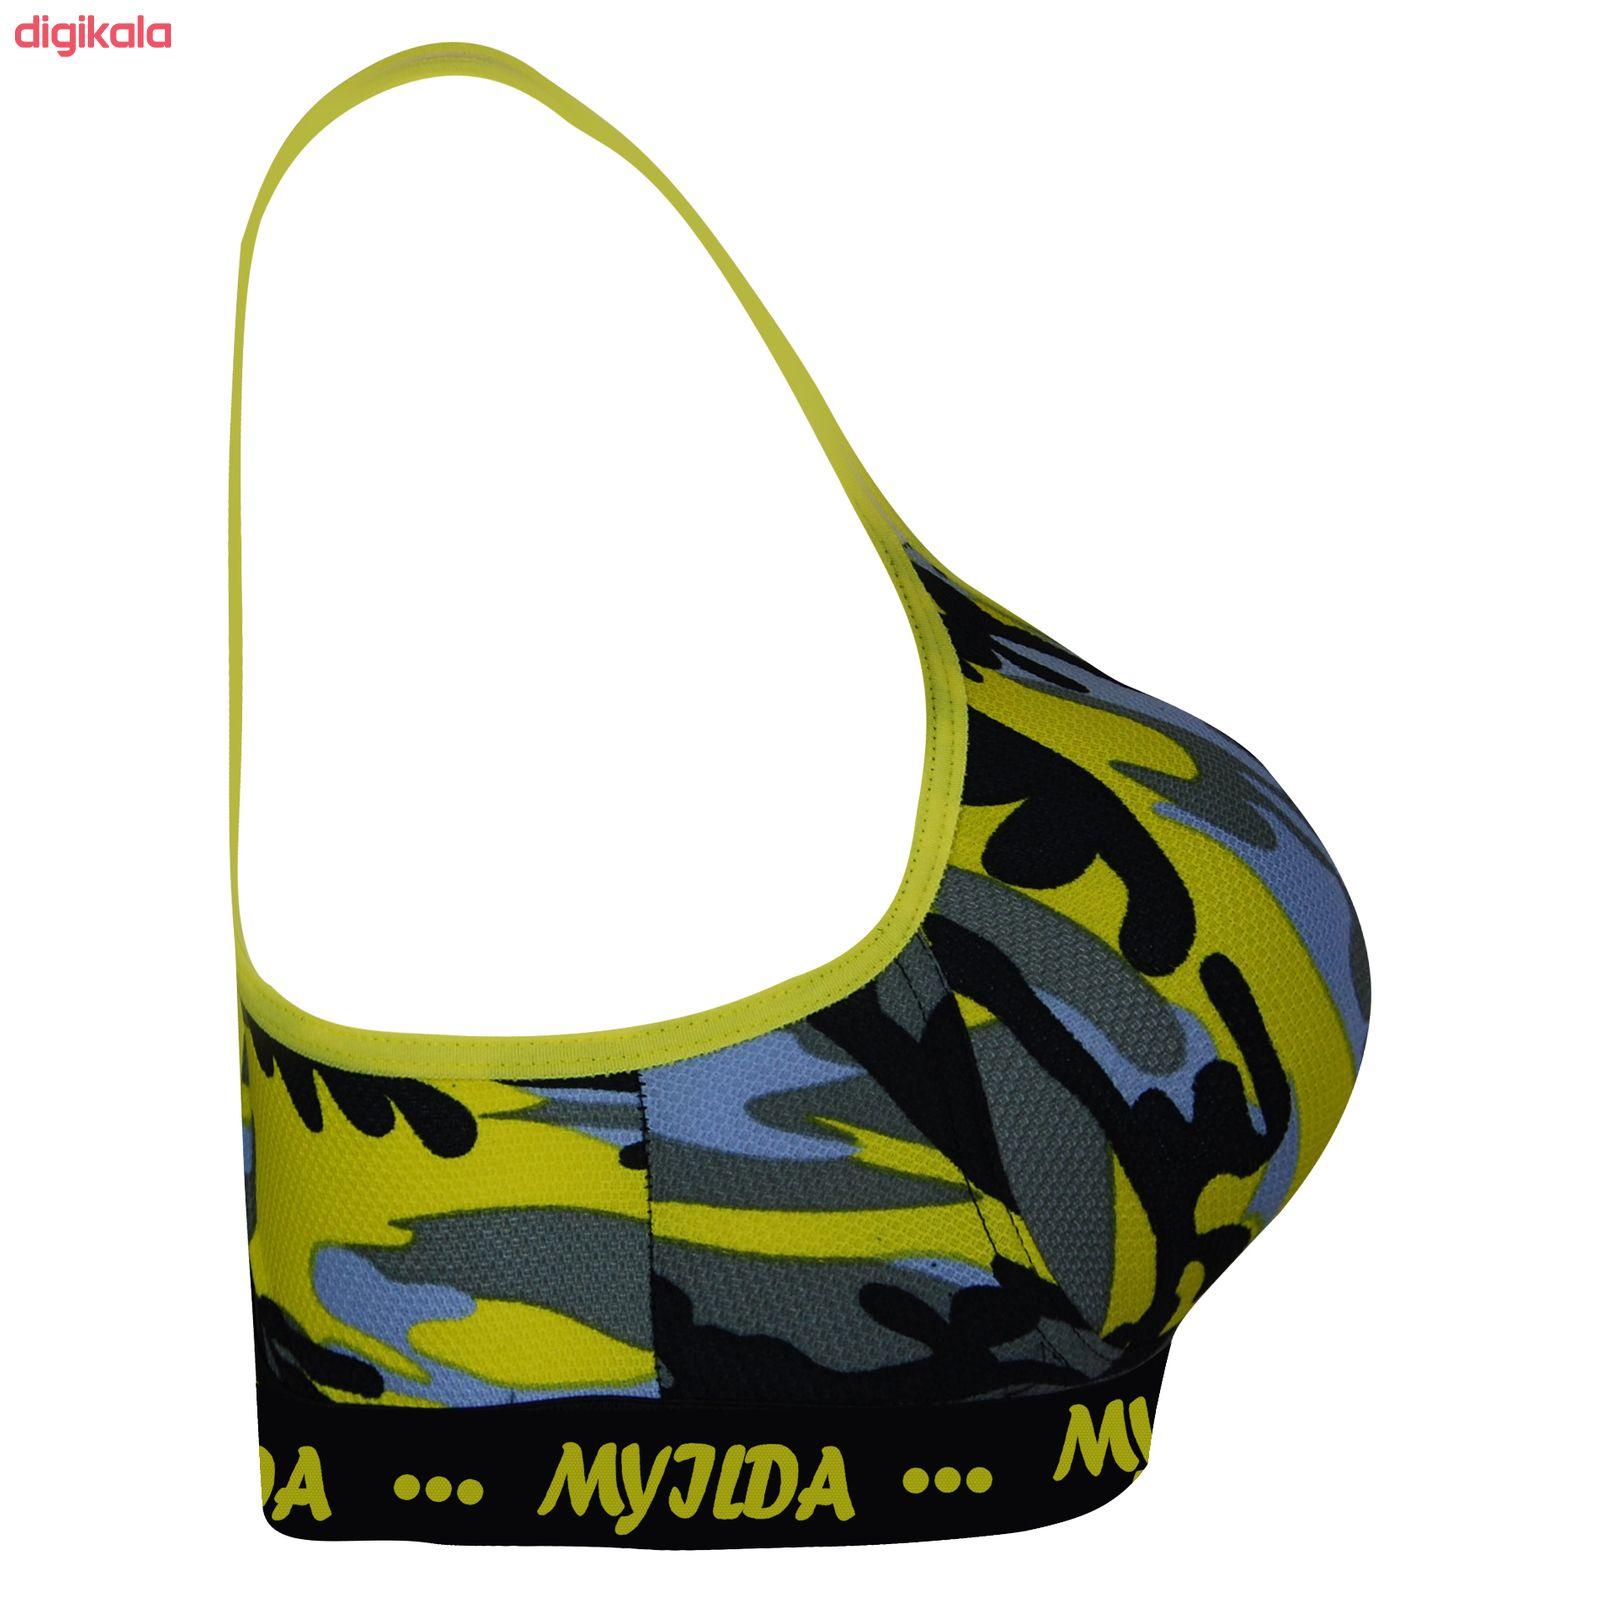 نیم تنه ورزشی زنانه ماییلدا مدل 3532-5 main 1 2